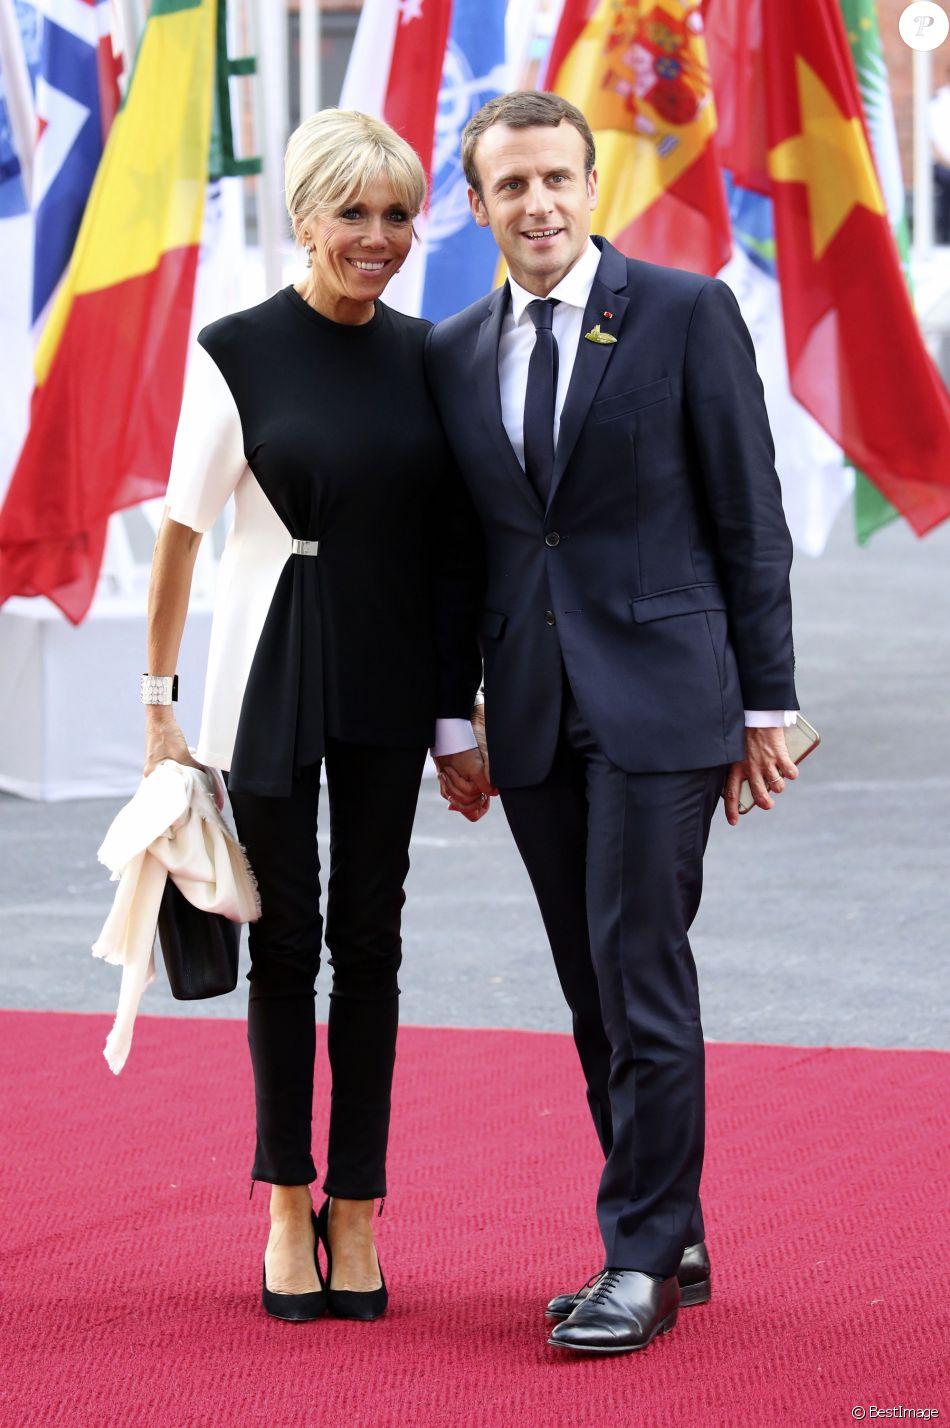 Le président français Emmanuel Macron et sa femme Brigitte Macron arrivent au concert de la Neuvième Symphonie de Beethoven à l'Elbphilharmonie de Hamburg, Allemagne, le 7 juillet 2017. © Future-Image/Zuma Press/Bestimage